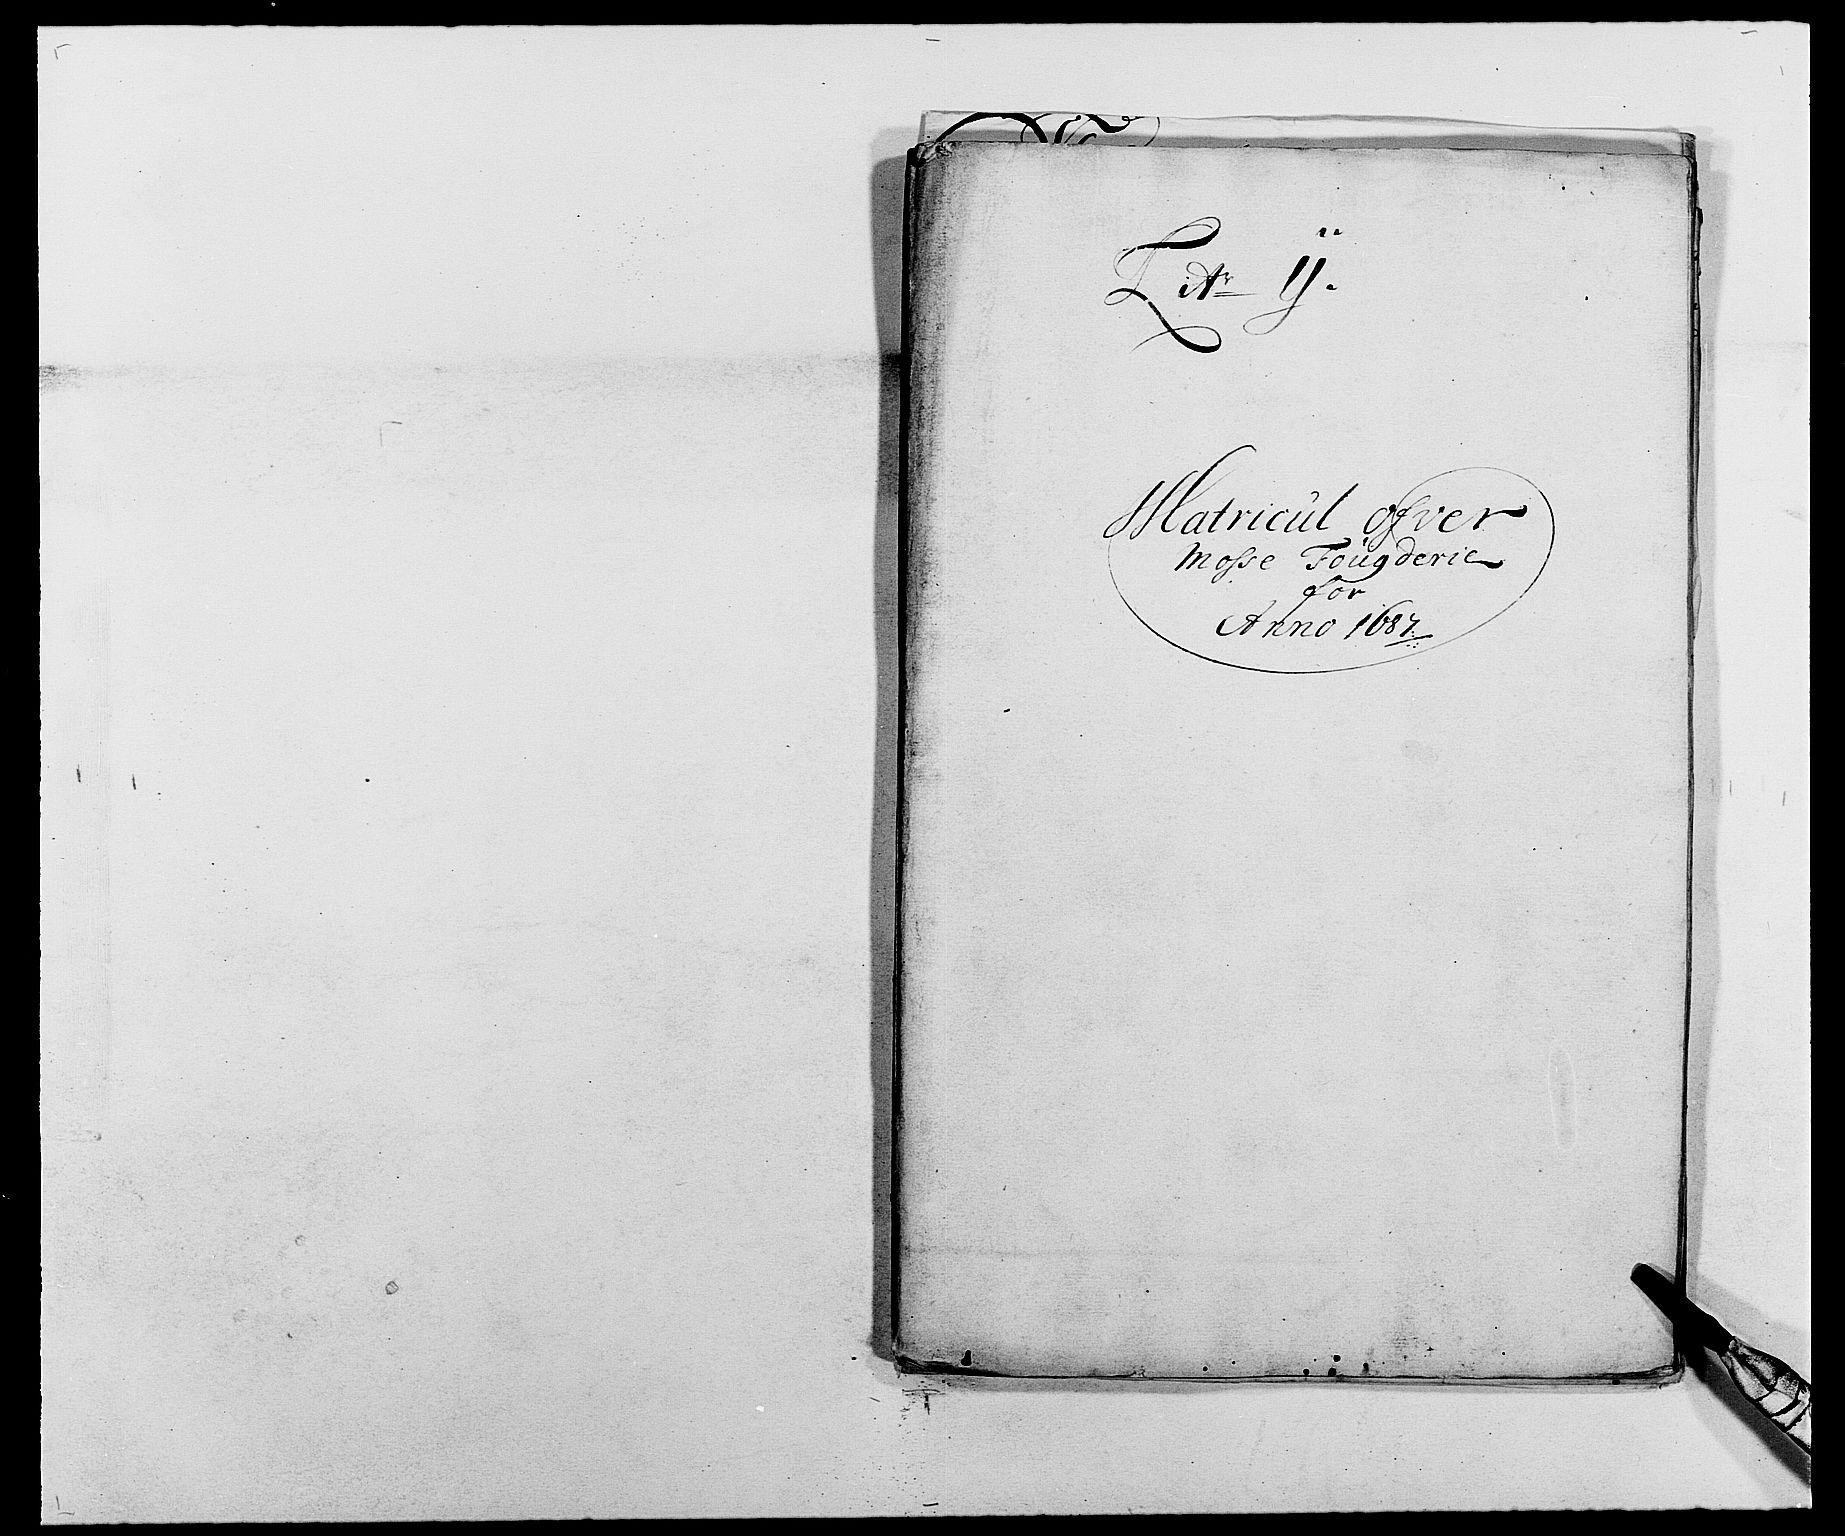 RA, Rentekammeret inntil 1814, Reviderte regnskaper, Fogderegnskap, R02/L0105: Fogderegnskap Moss og Verne kloster, 1685-1687, s. 323